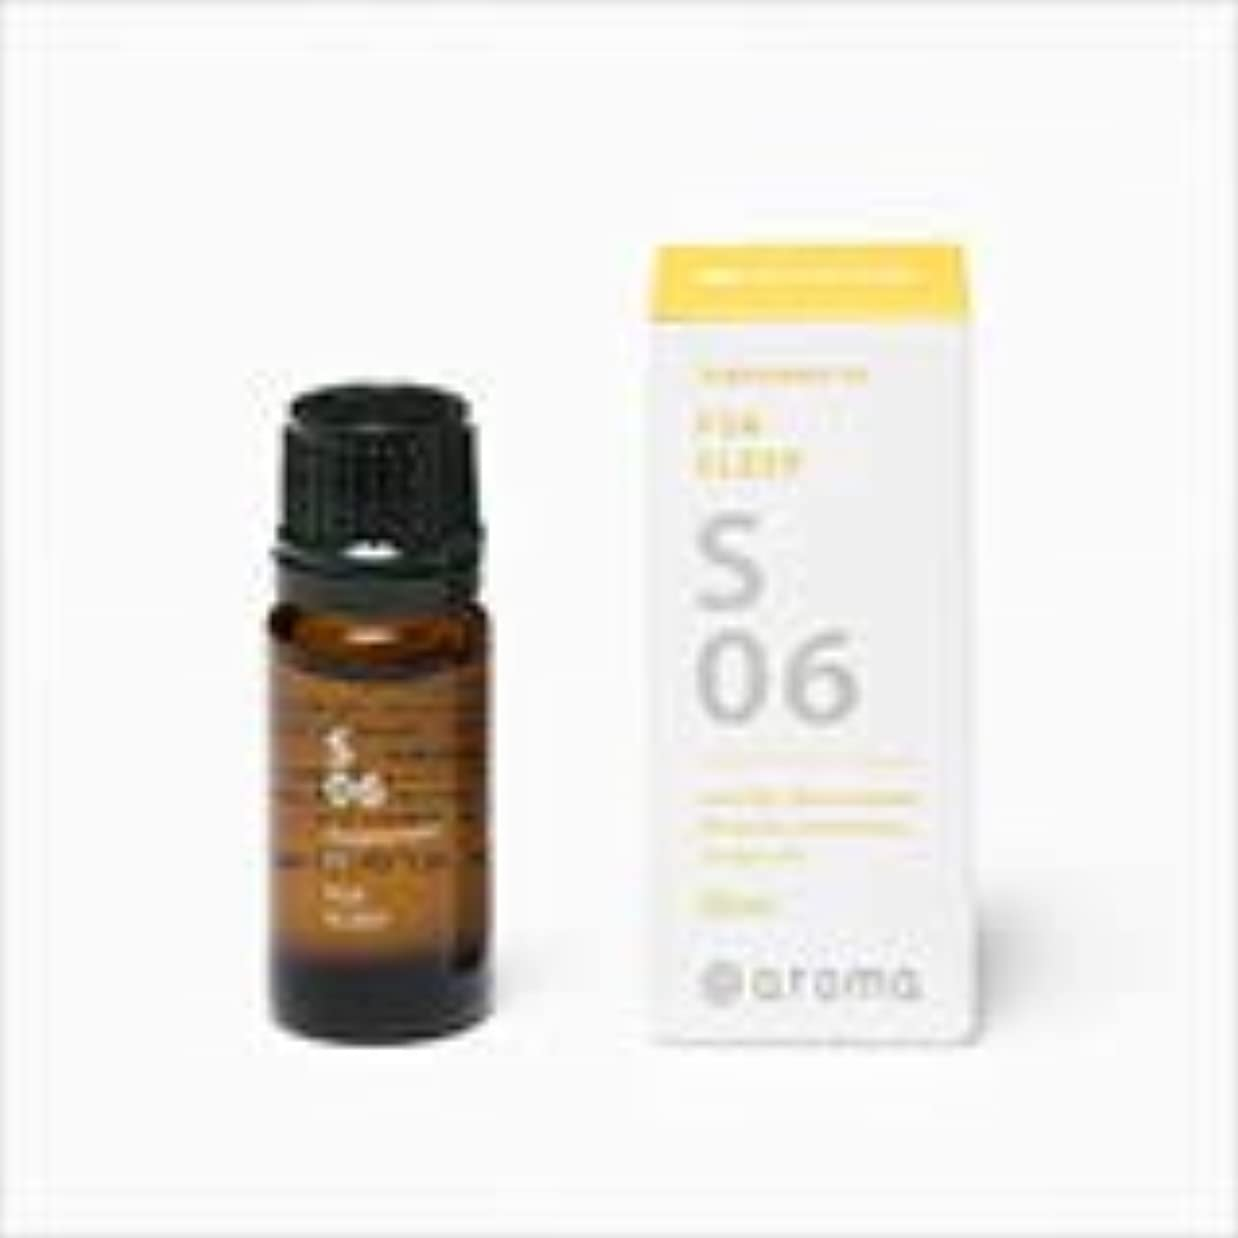 違反する銛効果的にアットアロマ 100%pure essential oil <Supplement air ウェイクアップ>